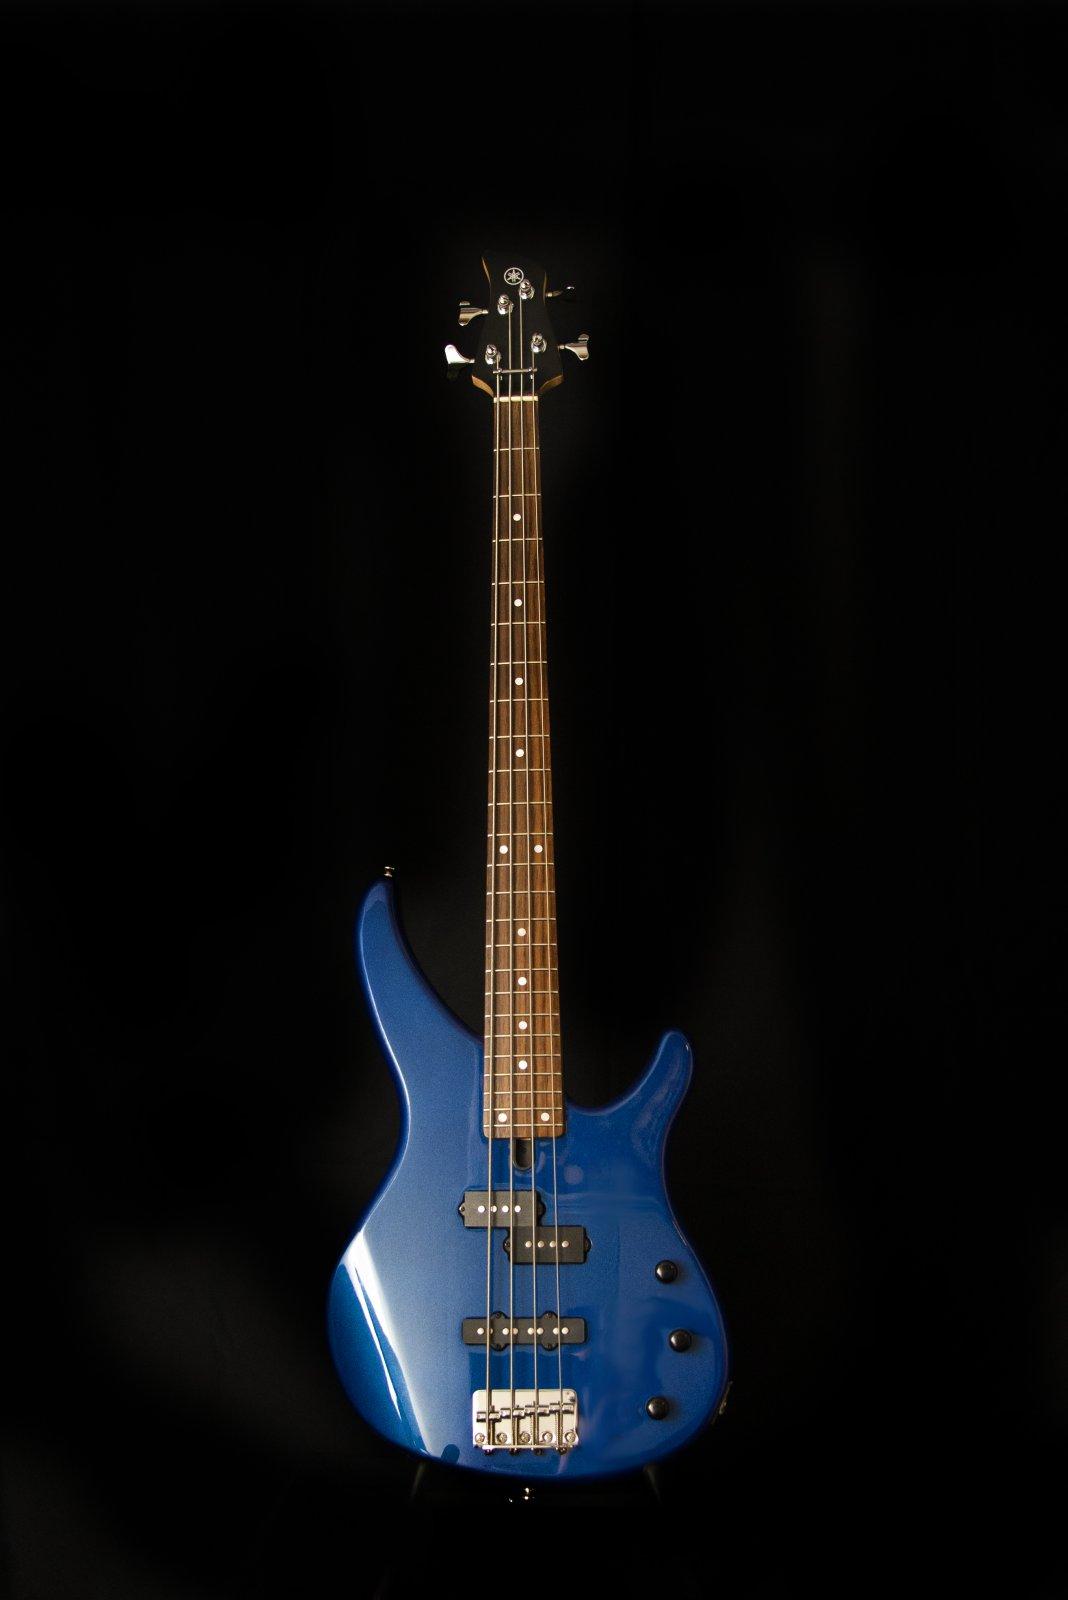 Yamaha TRBX Series Bass Guitar Blue